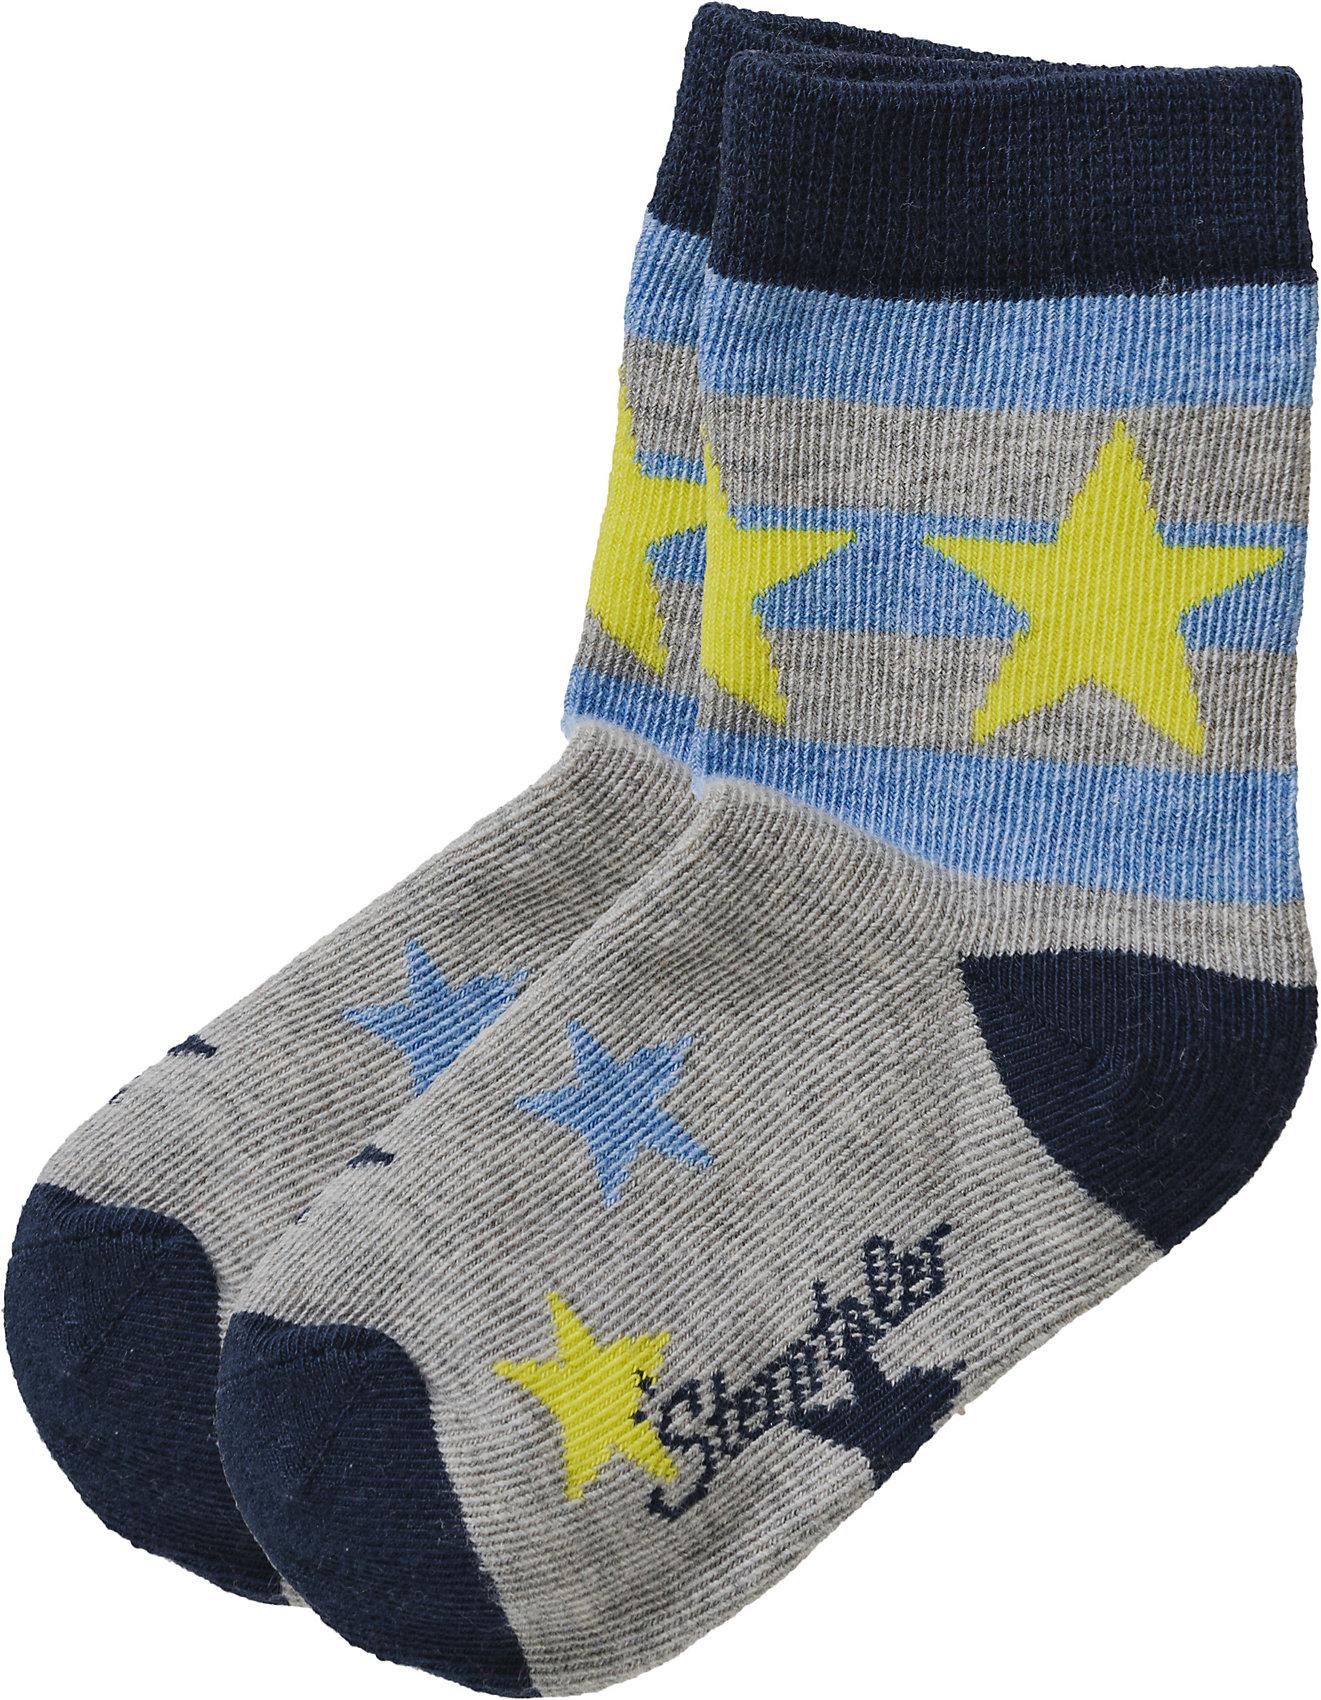 Ringel//Stern 11001444 für Jungen Neu Sterntaler 3er-Pack Socken für Jungen